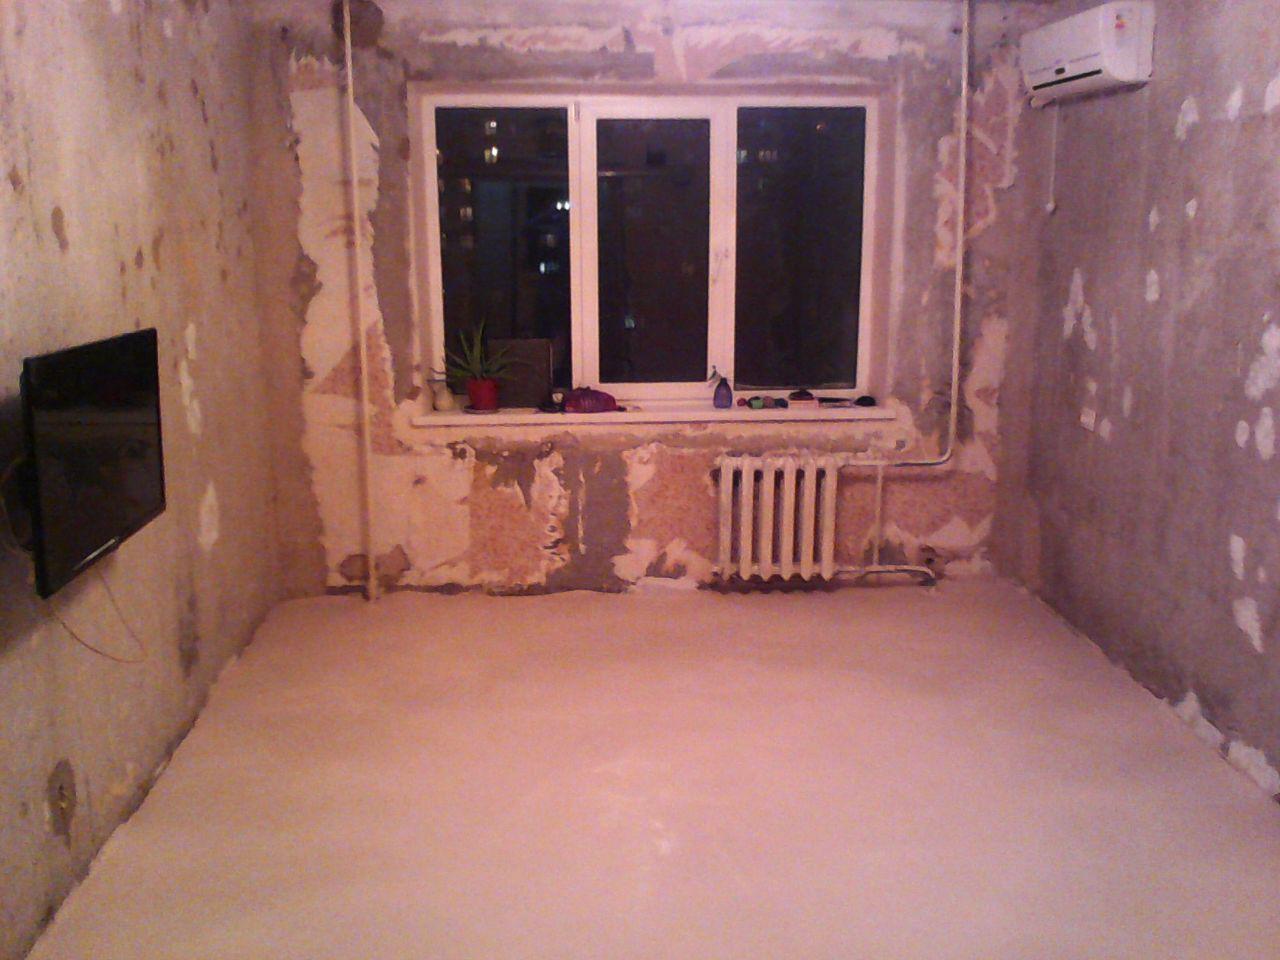 На предварительно огрунтованное основание заливаем новый пол. ремонт, рукожопие, японский стиль